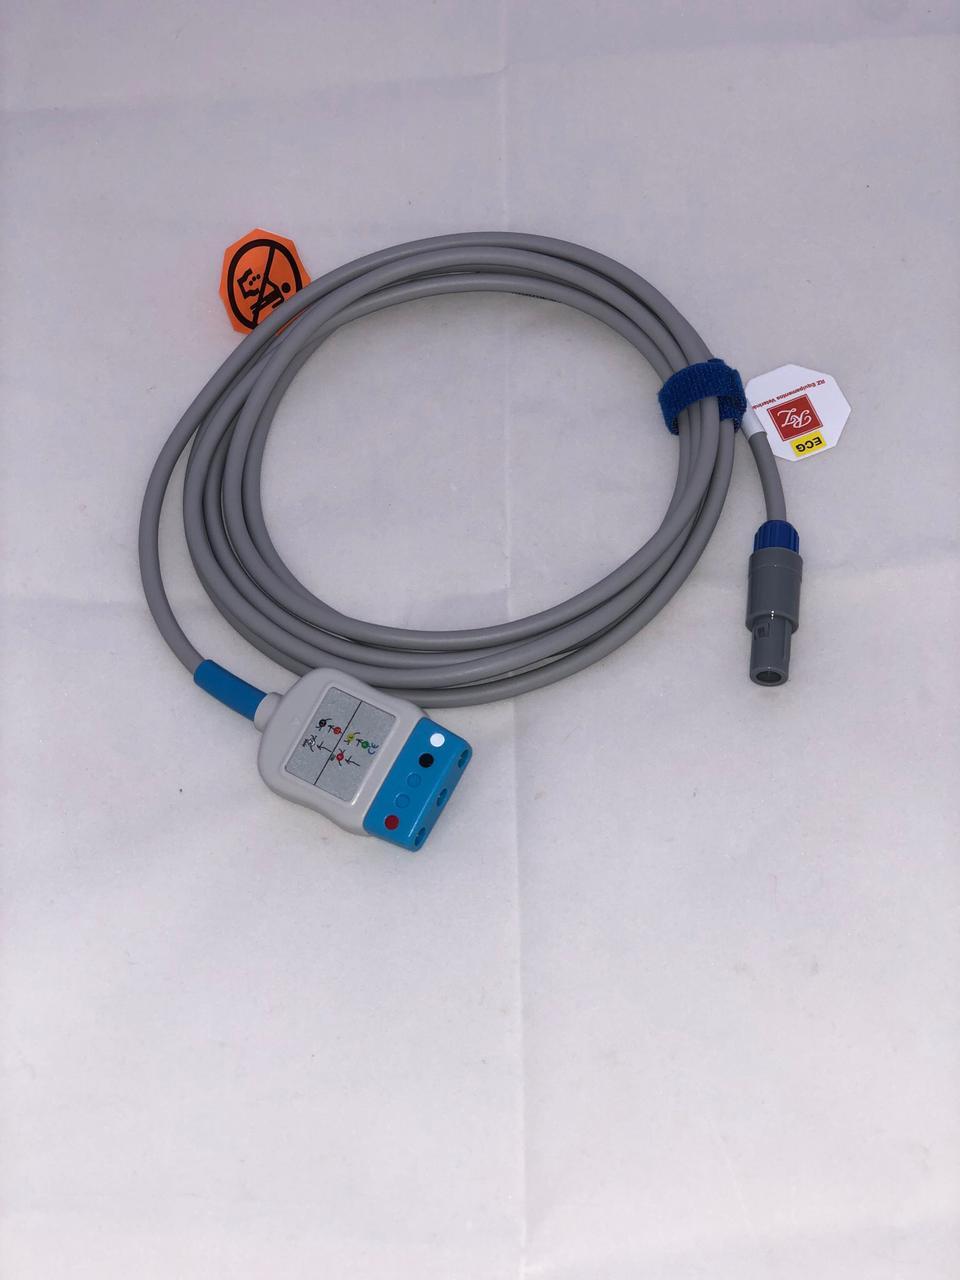 Cabo tronco de ECG 03 vias com eletrodos agulha para o monitor portátil R1000Vet